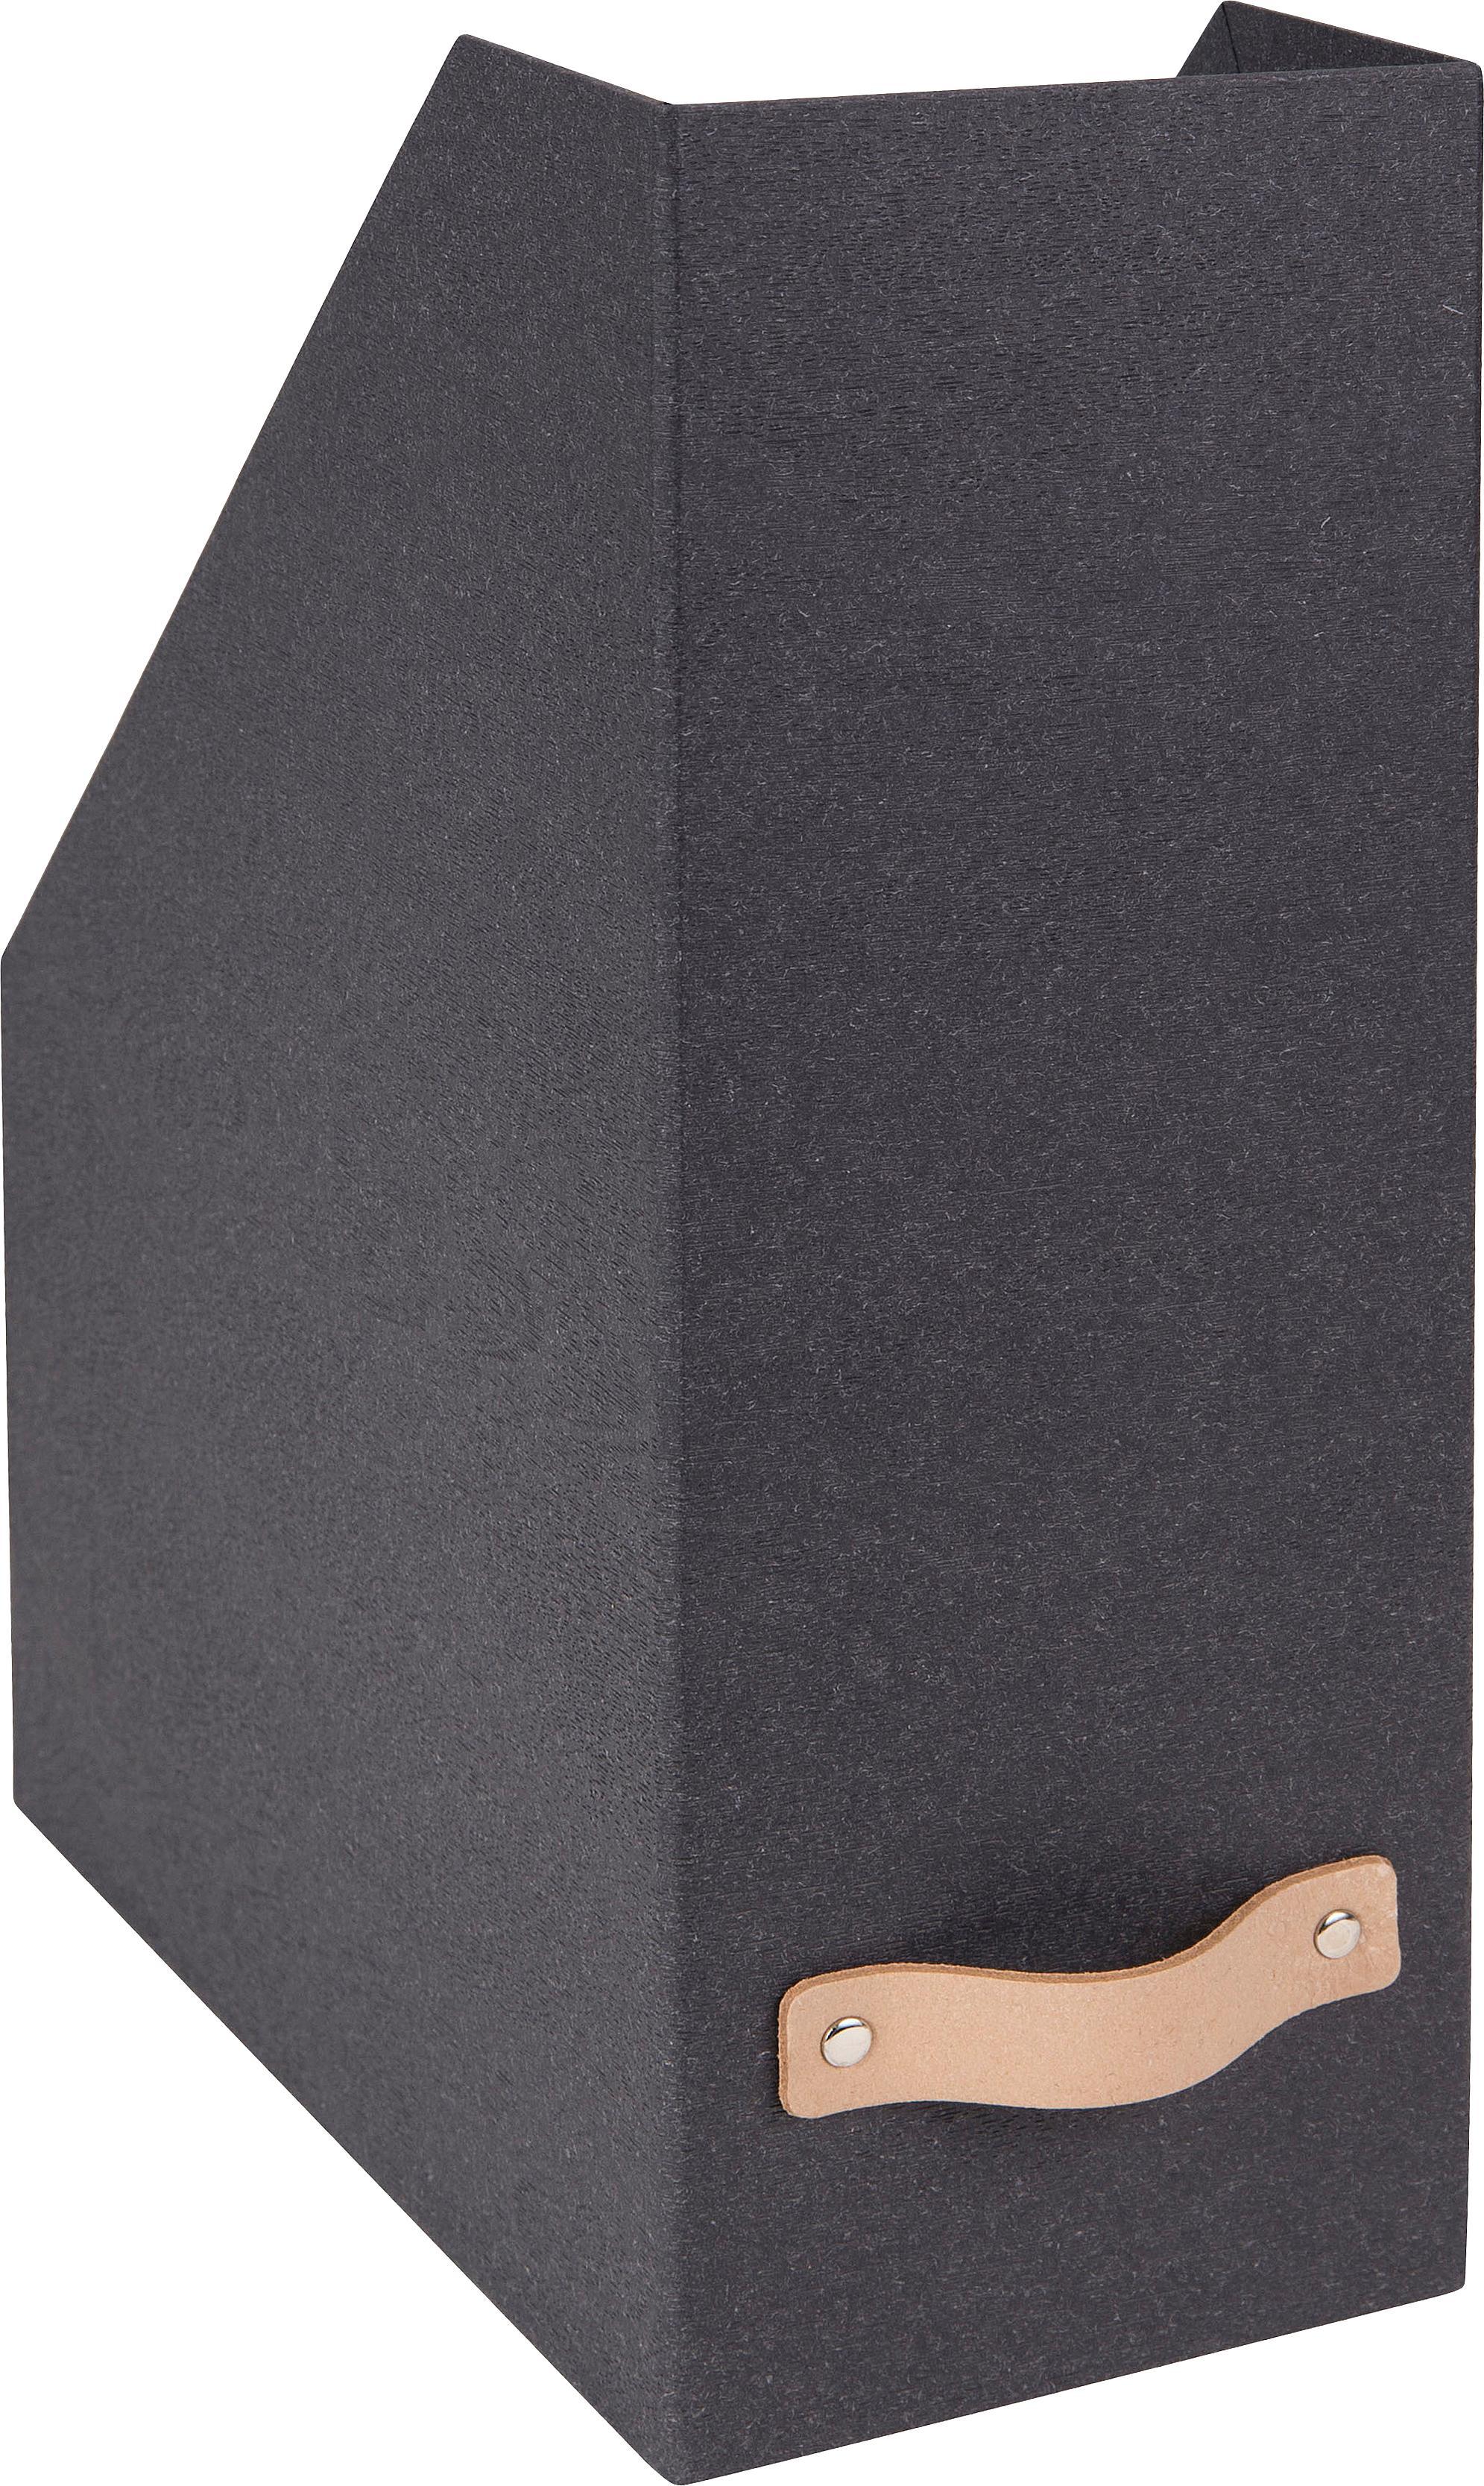 Organizer na dokumenty Estelle, Organizer: czarny<br>Uchwyt: beżowy, 12 x 32 cm